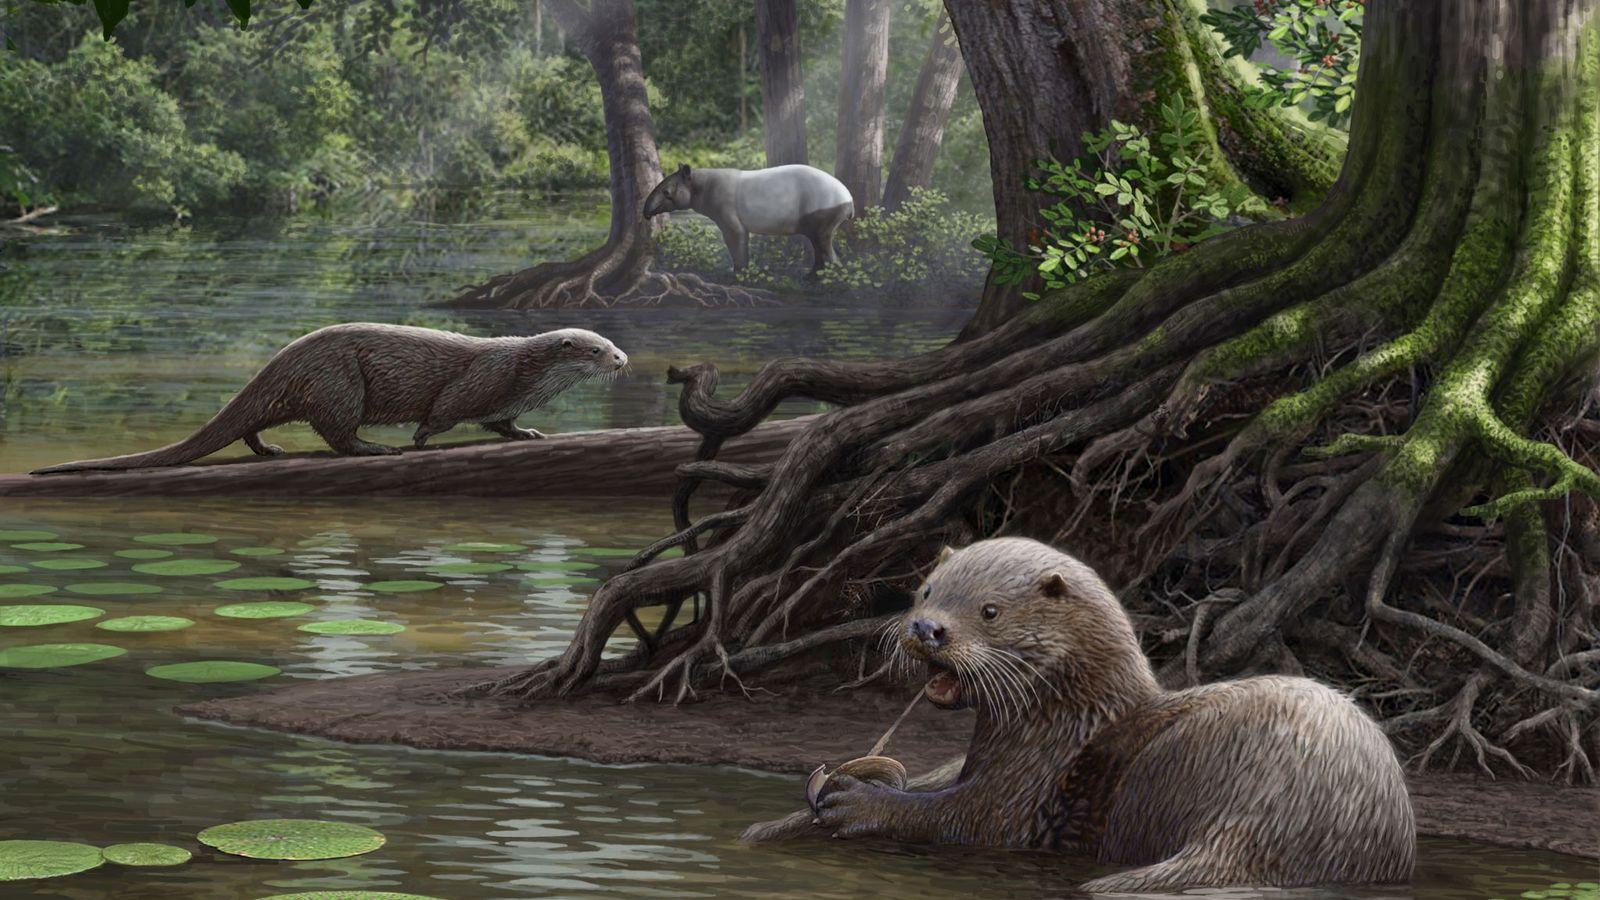 A lontra gigante Siamogale melilutra devorava presas aquáticas nos pântanos de onde é hoje o sudoeste ...